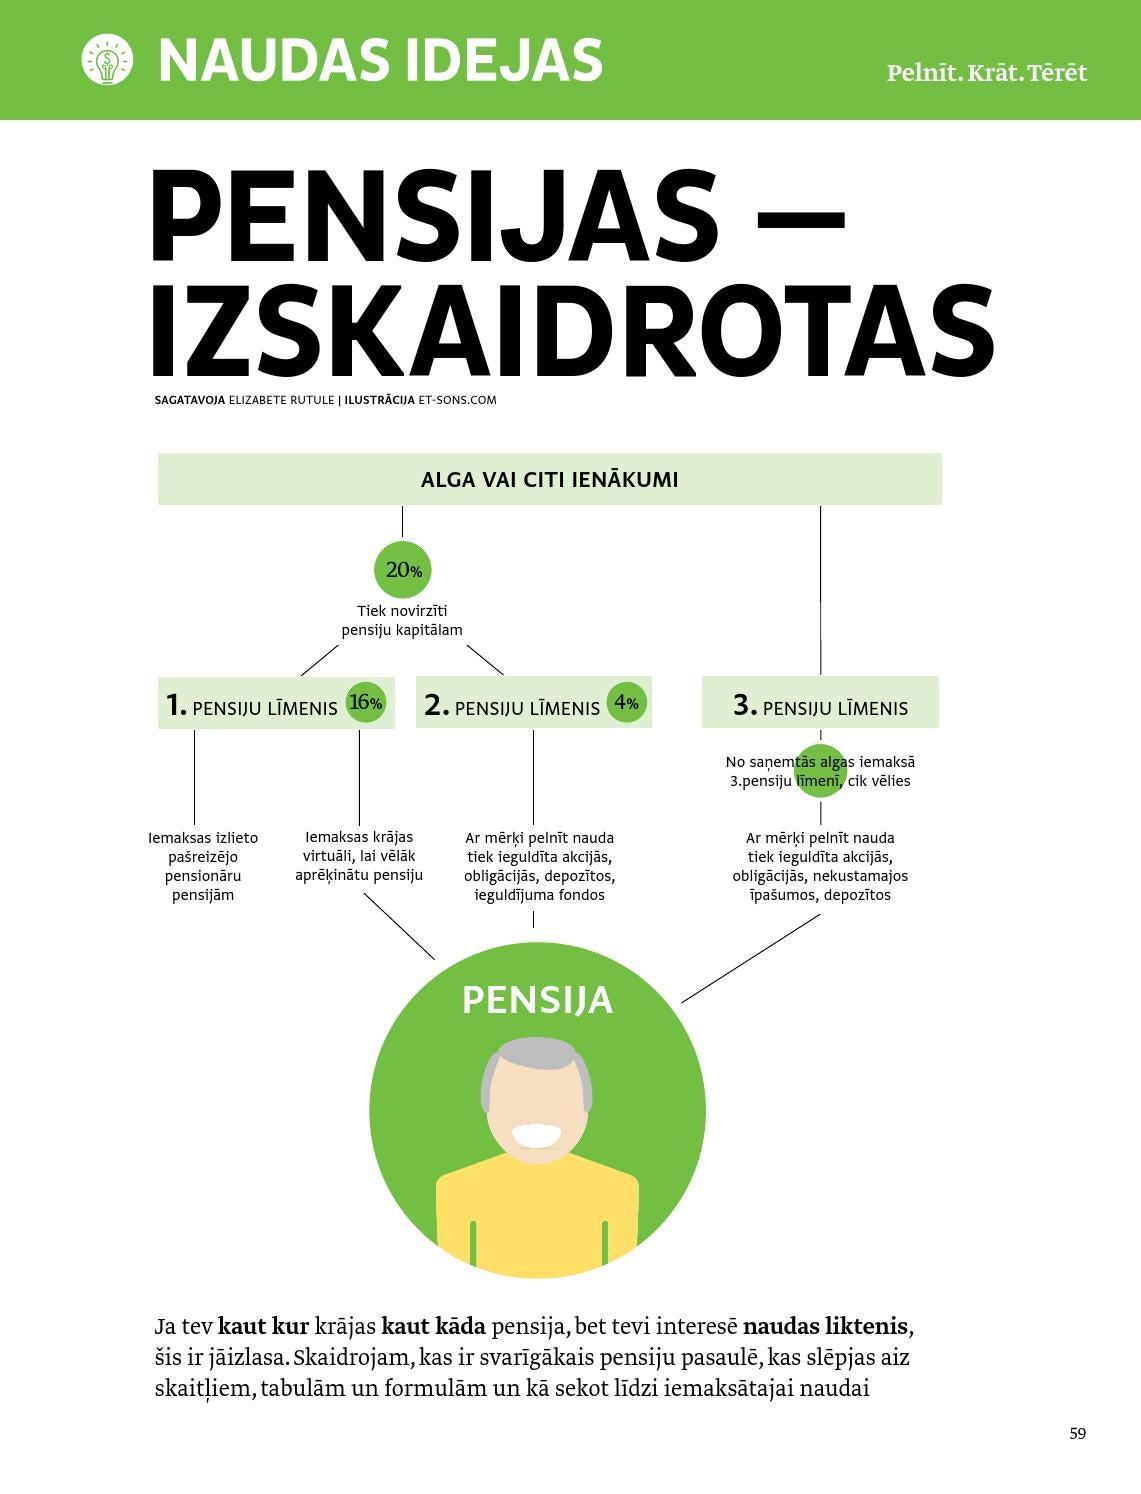 kā nopelnīt naudu pensionāram mājās